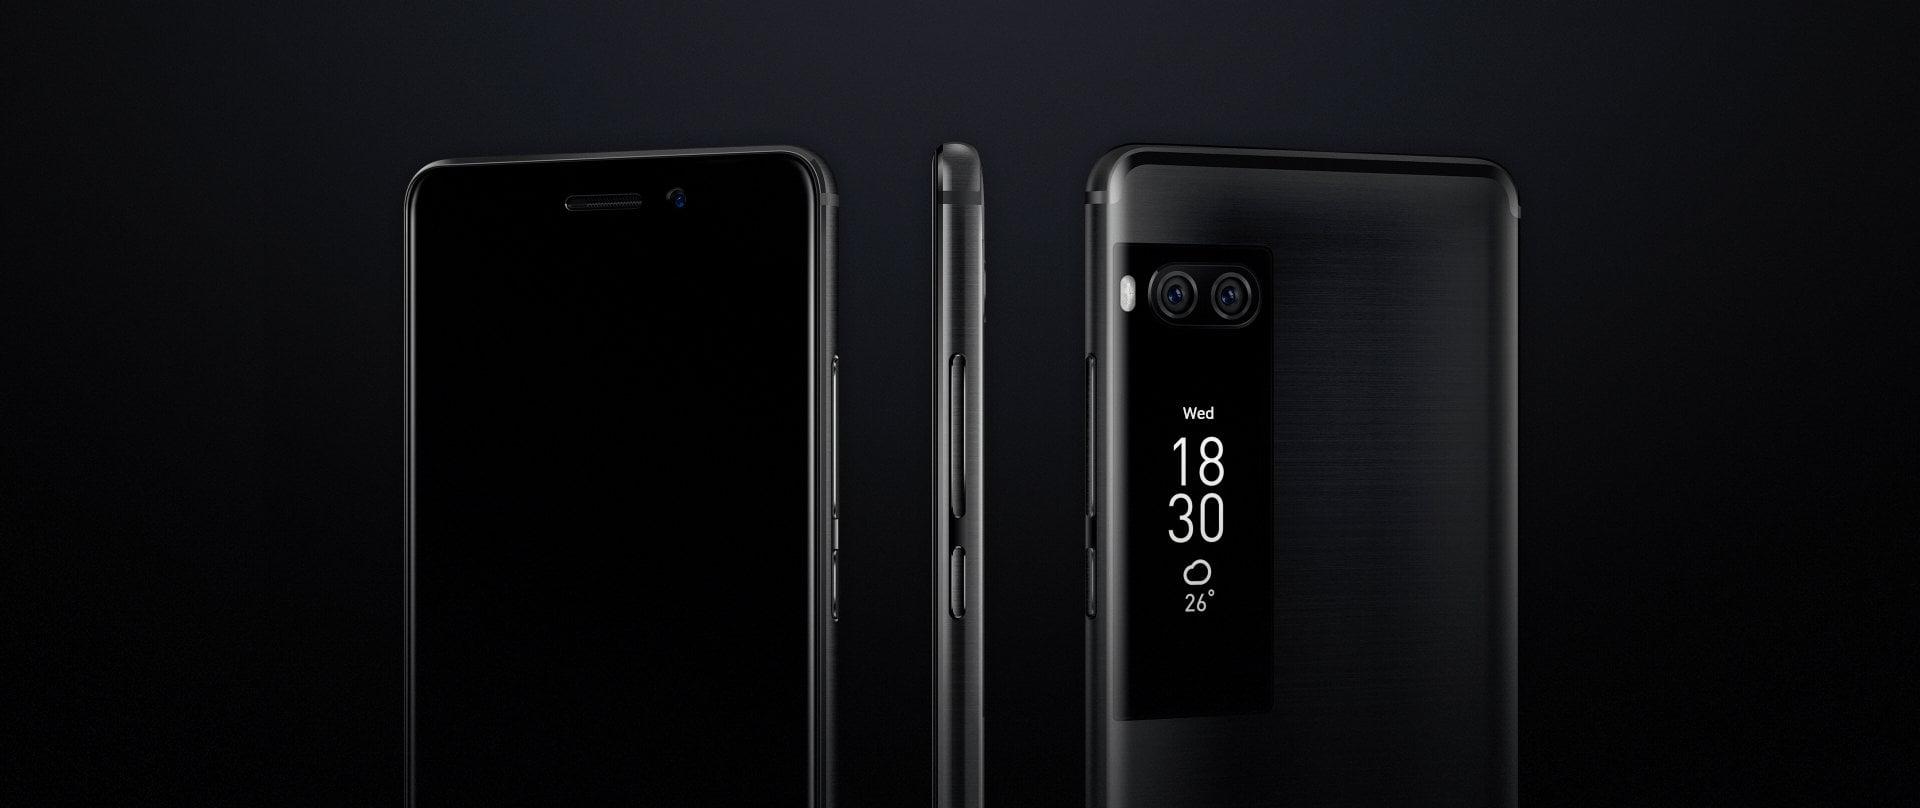 Meizu Pro 7 i Pro 7 Plus oficjalnie. Jeden z nich nie zasługuje, by nazywać go flagowcem 27